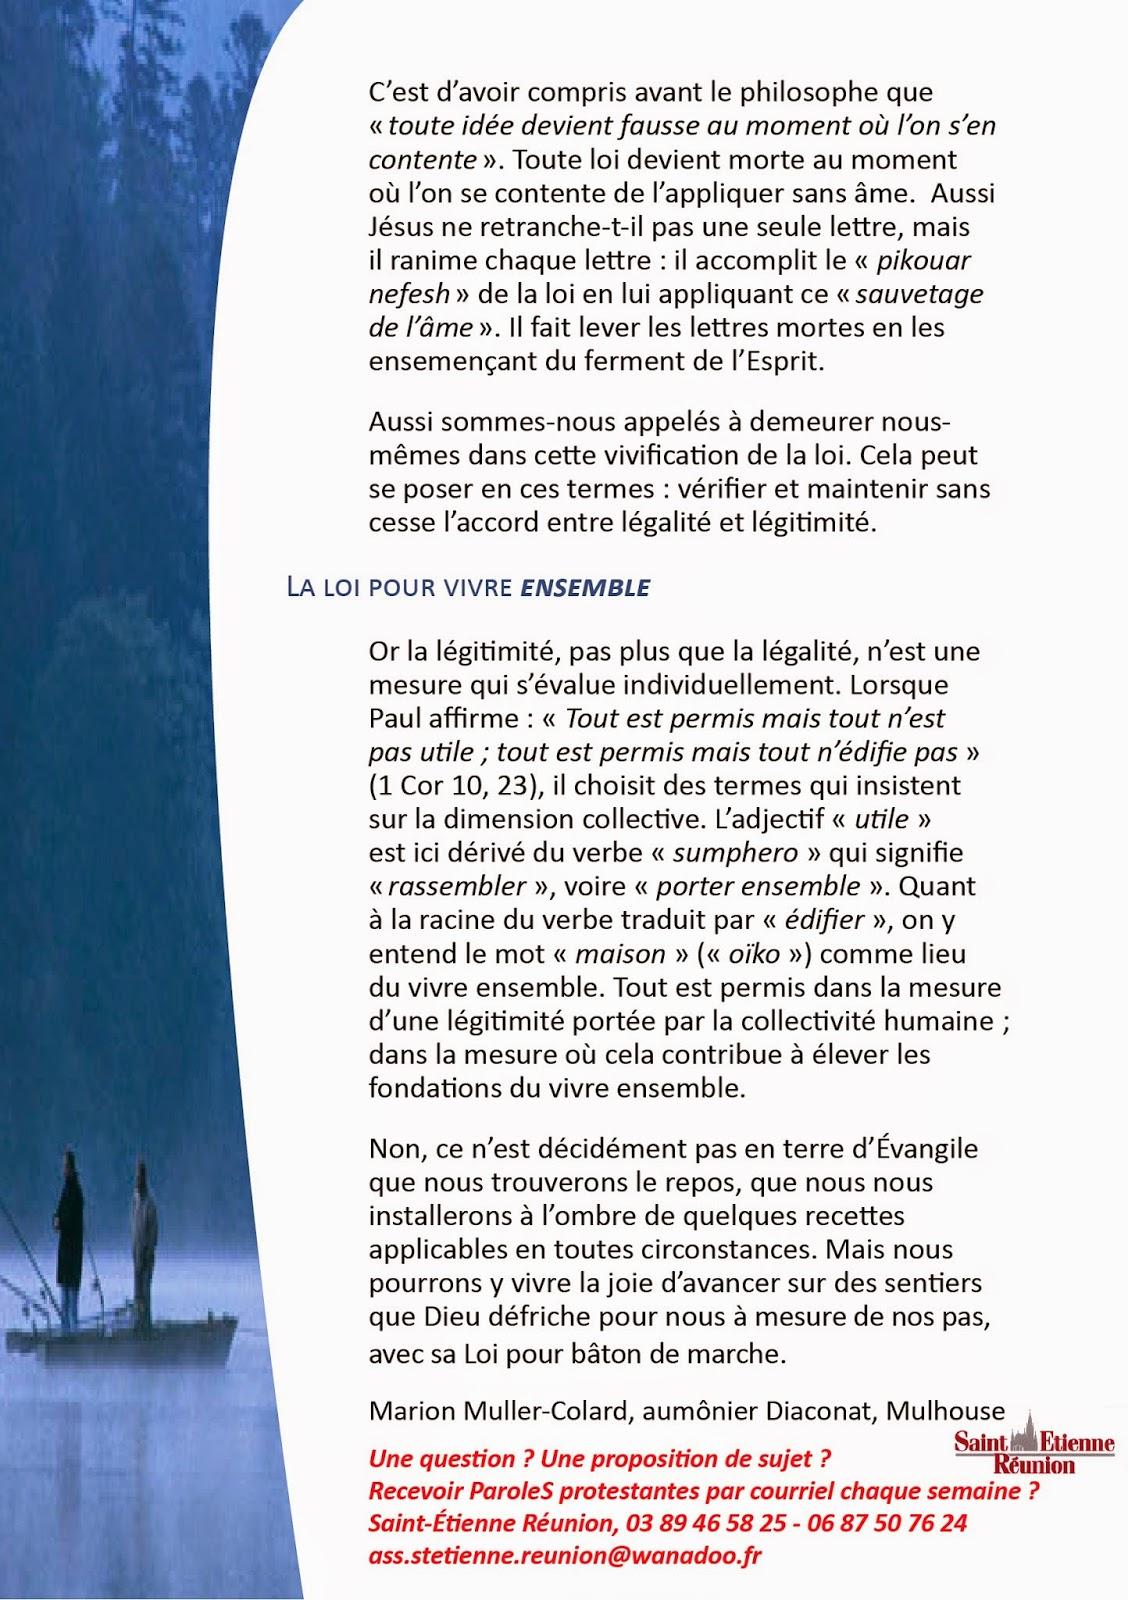 Saint tienne r union paroles protestantes 8c l galit for Chambre 13 parole